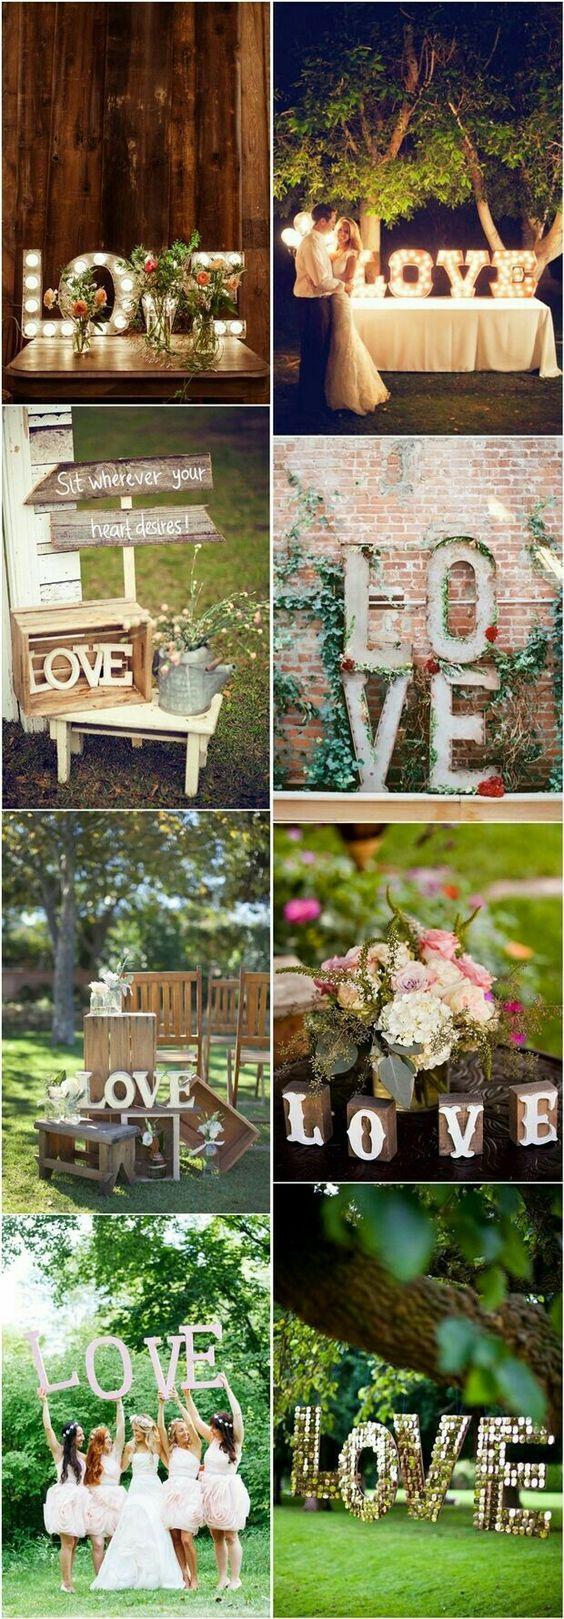 ديكورات اعراس رومانسية ستسحرك بجمالها حصري 2017 943015526.jpg